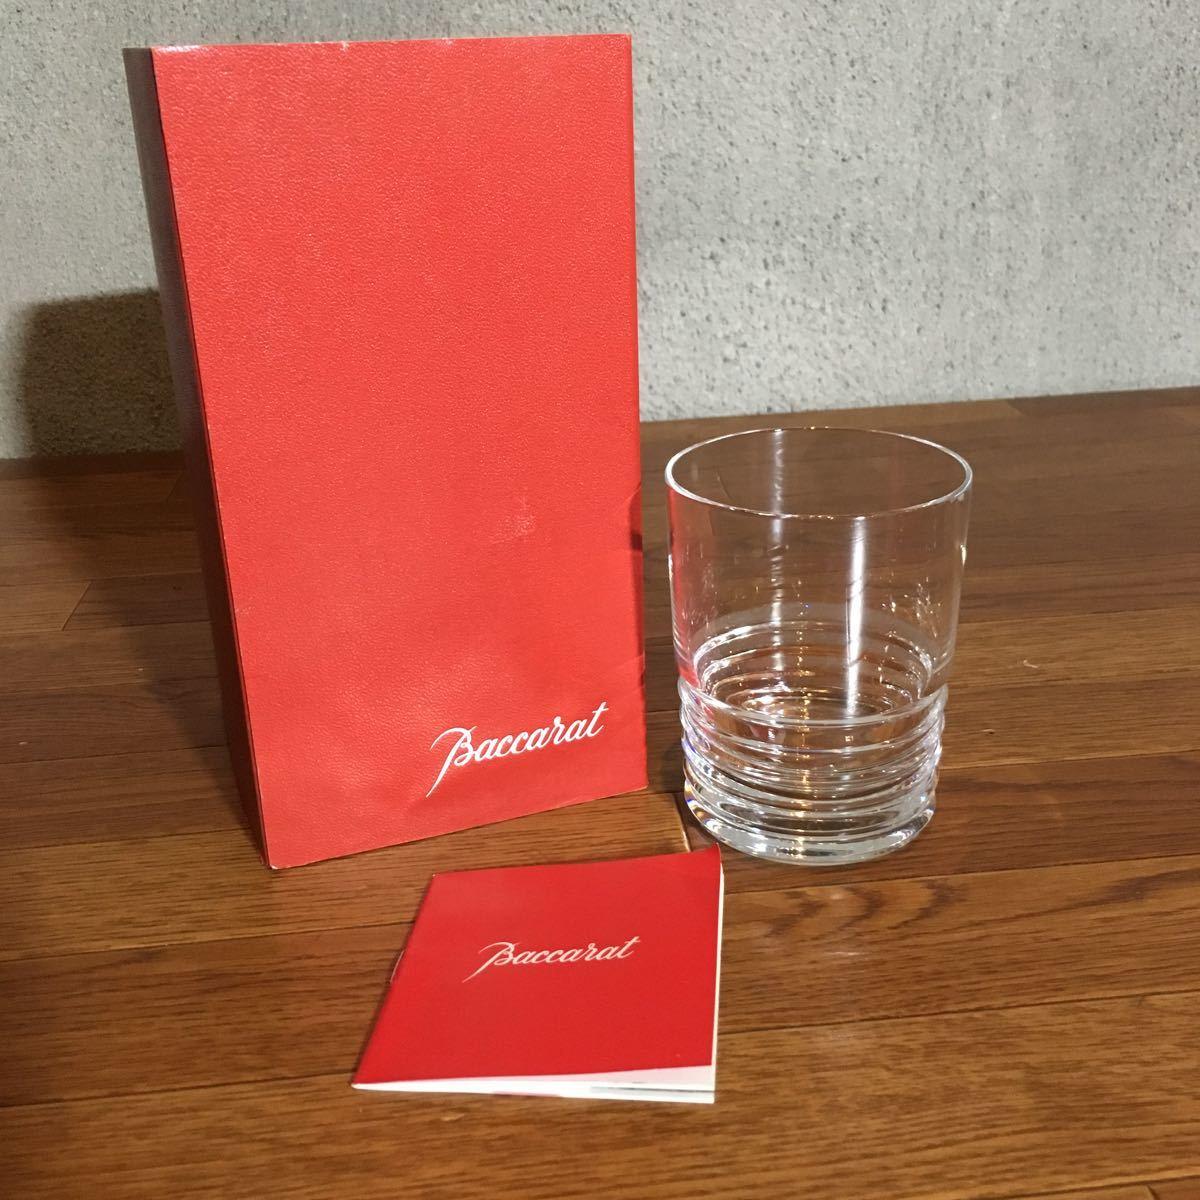 【保管品】本物■バカラ /ベガ スピン オールドファッション■ロックグラス ■タンブラー ペア クリスタル 箱■